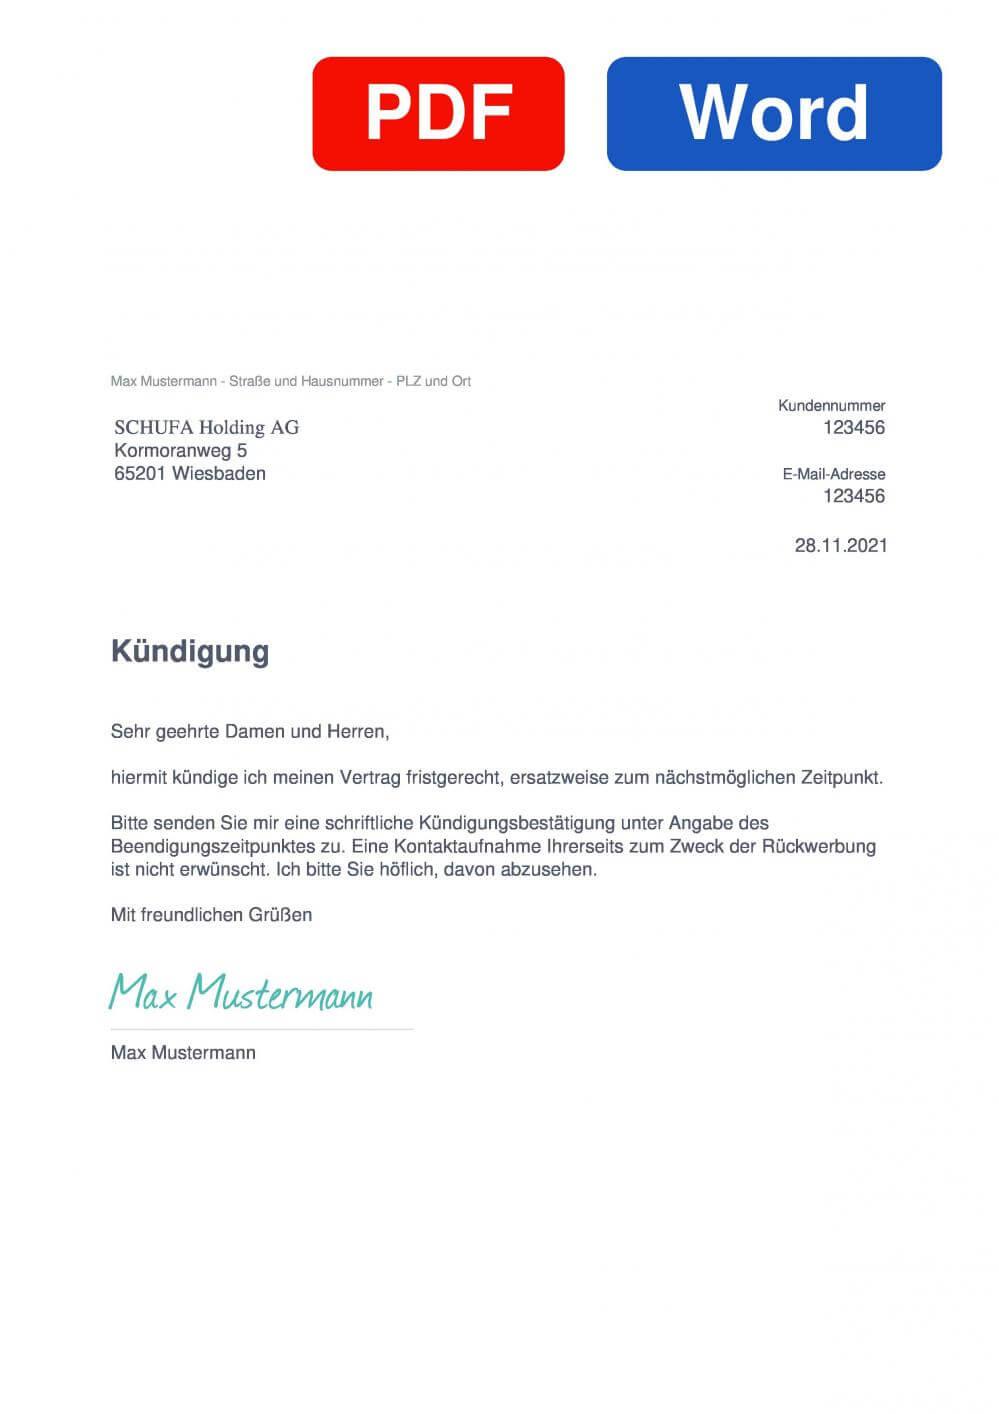 SCHUFA Muster Vorlage für Kündigungsschreiben